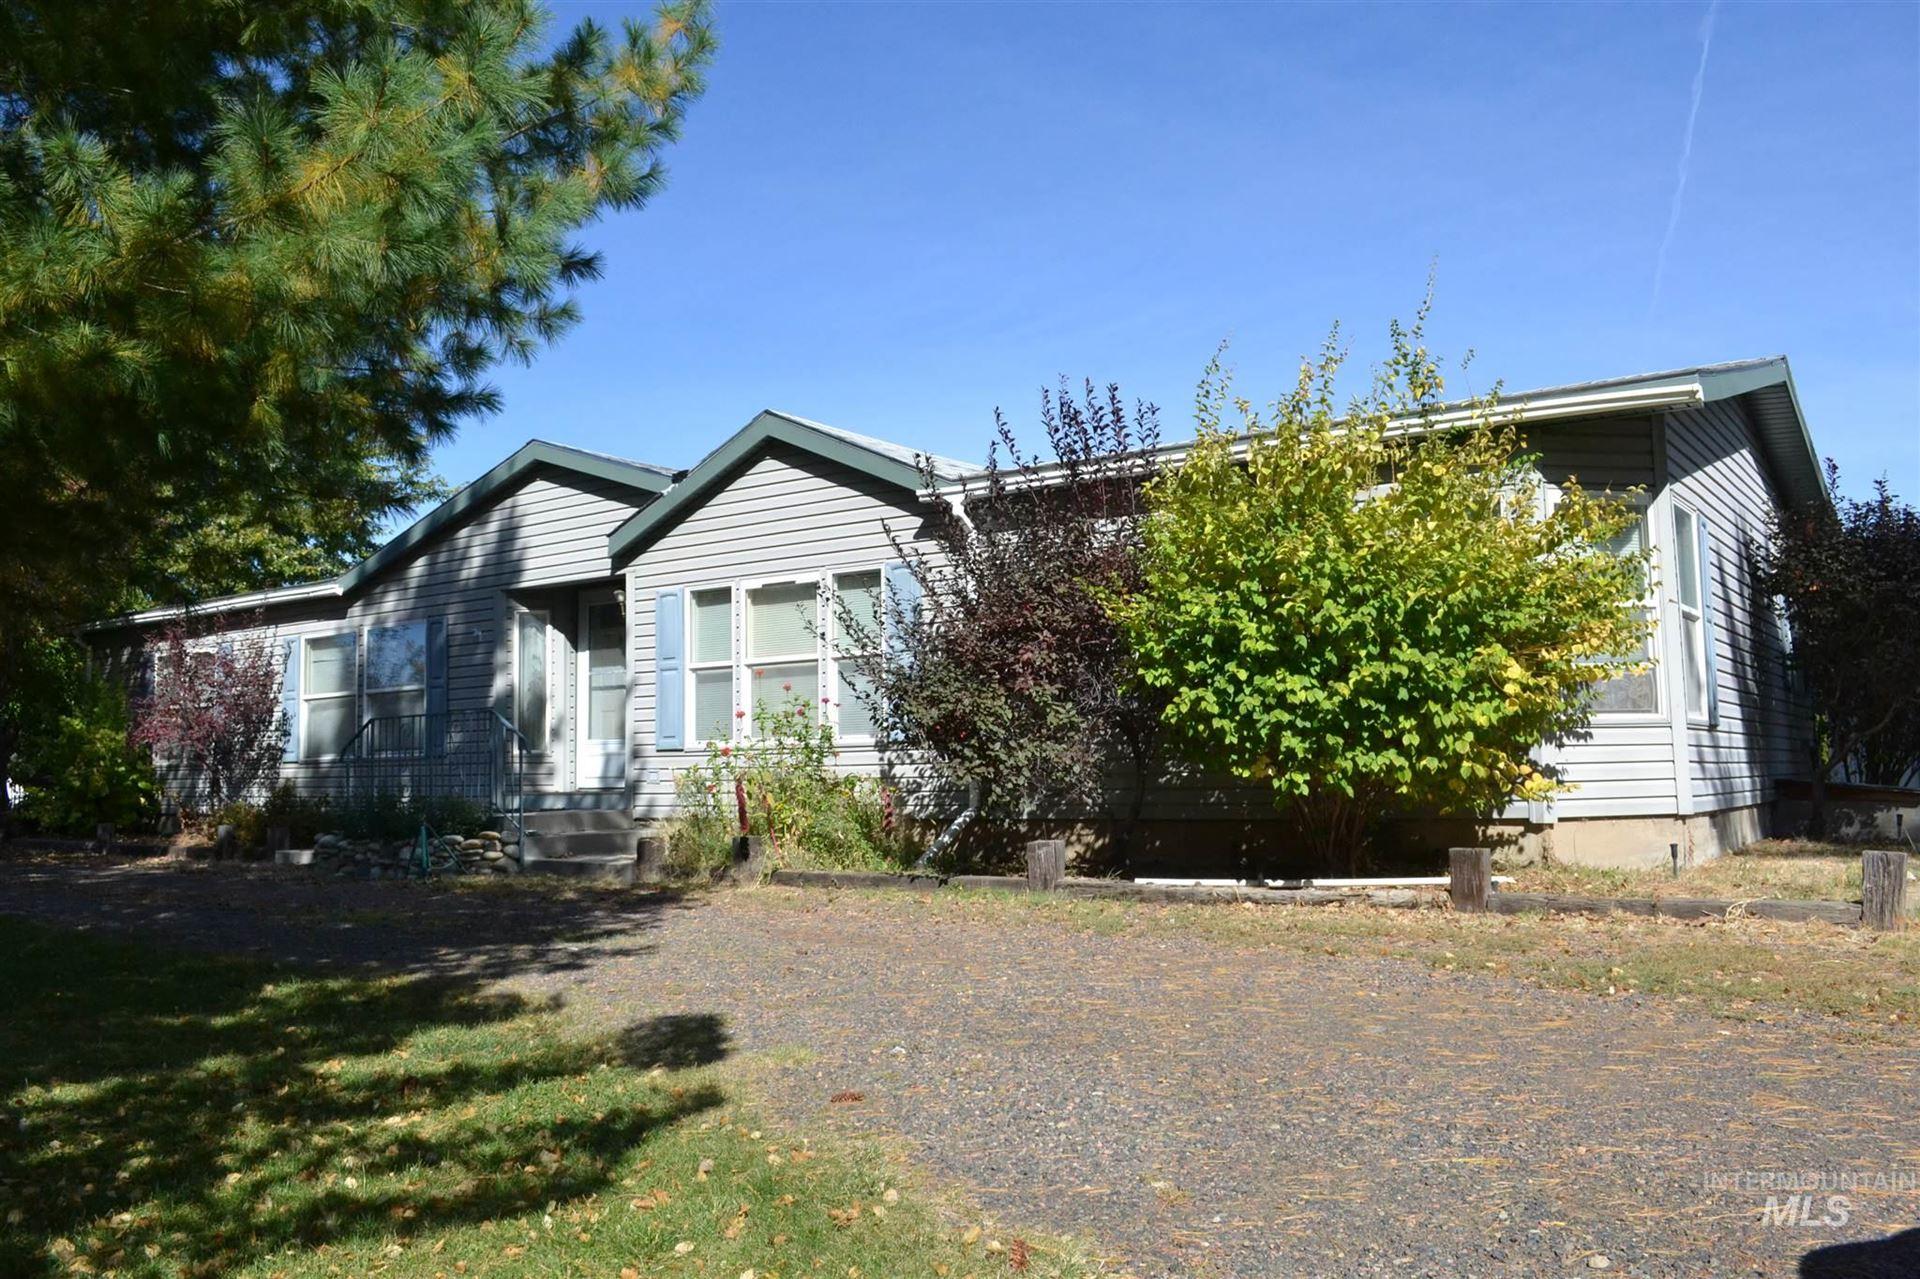 1940 W Idaho Blvd, Emmett, ID 83617 - MLS#: 98784297